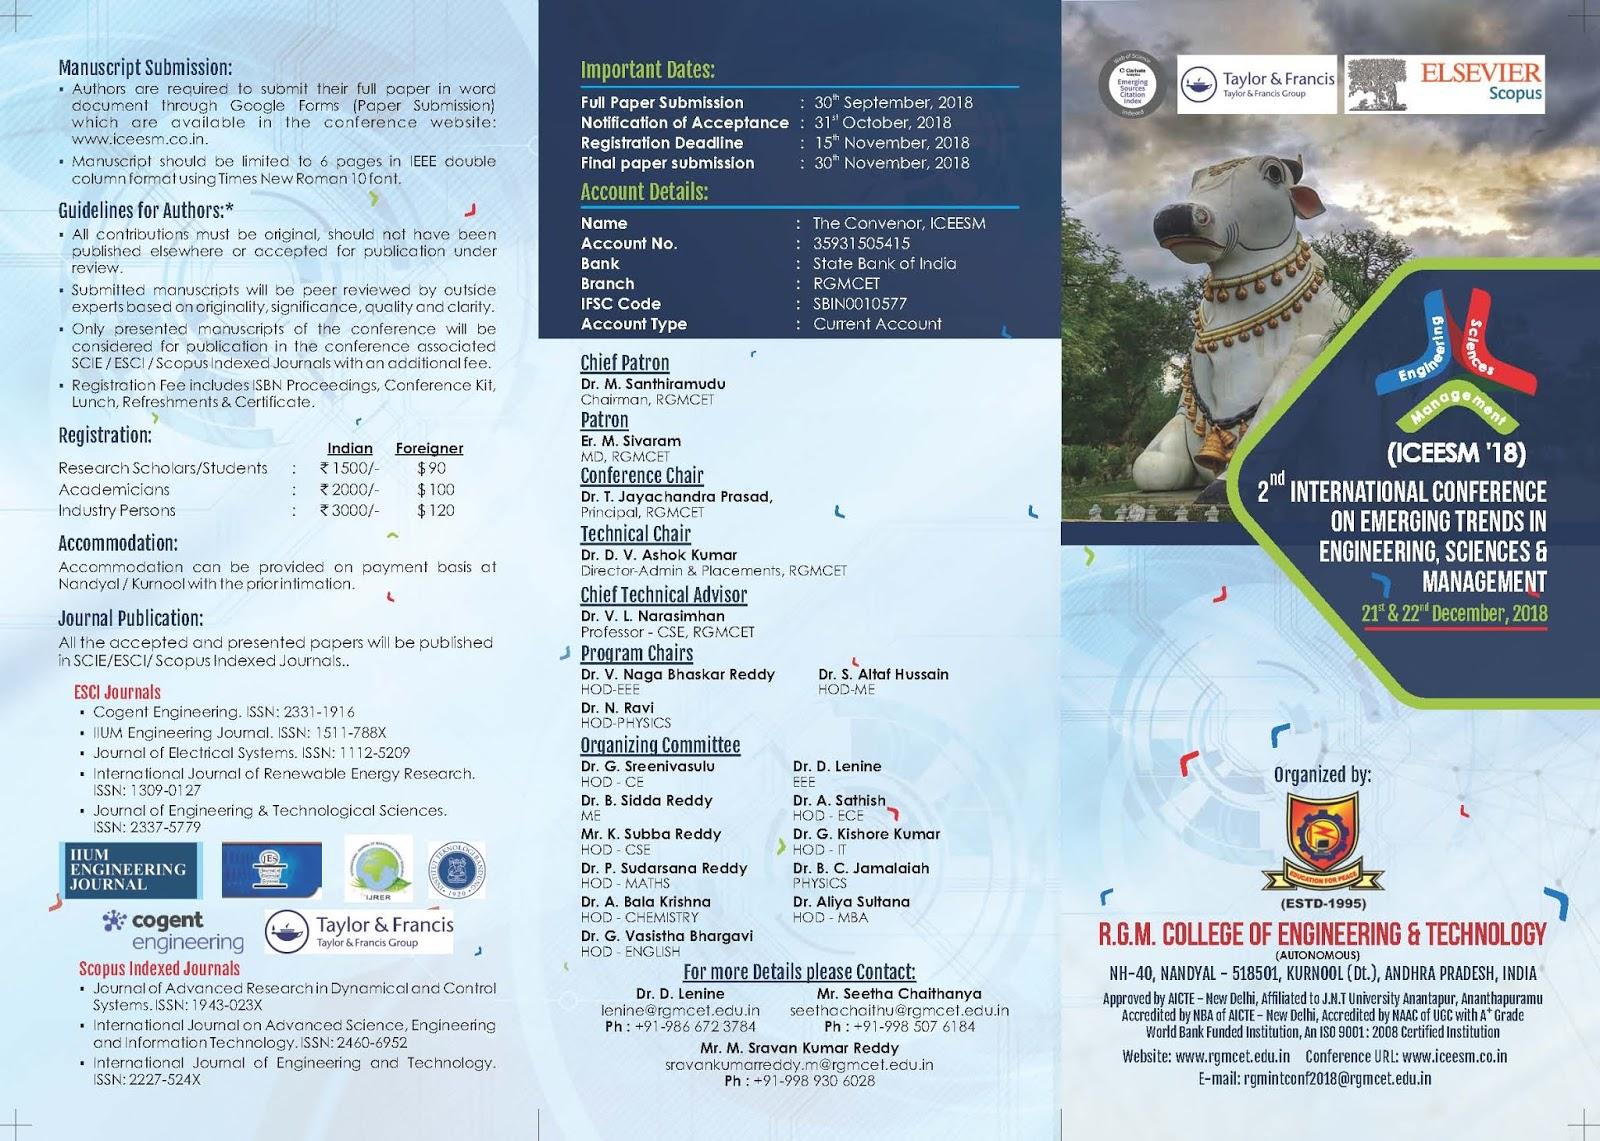 International Conference at Nandyal